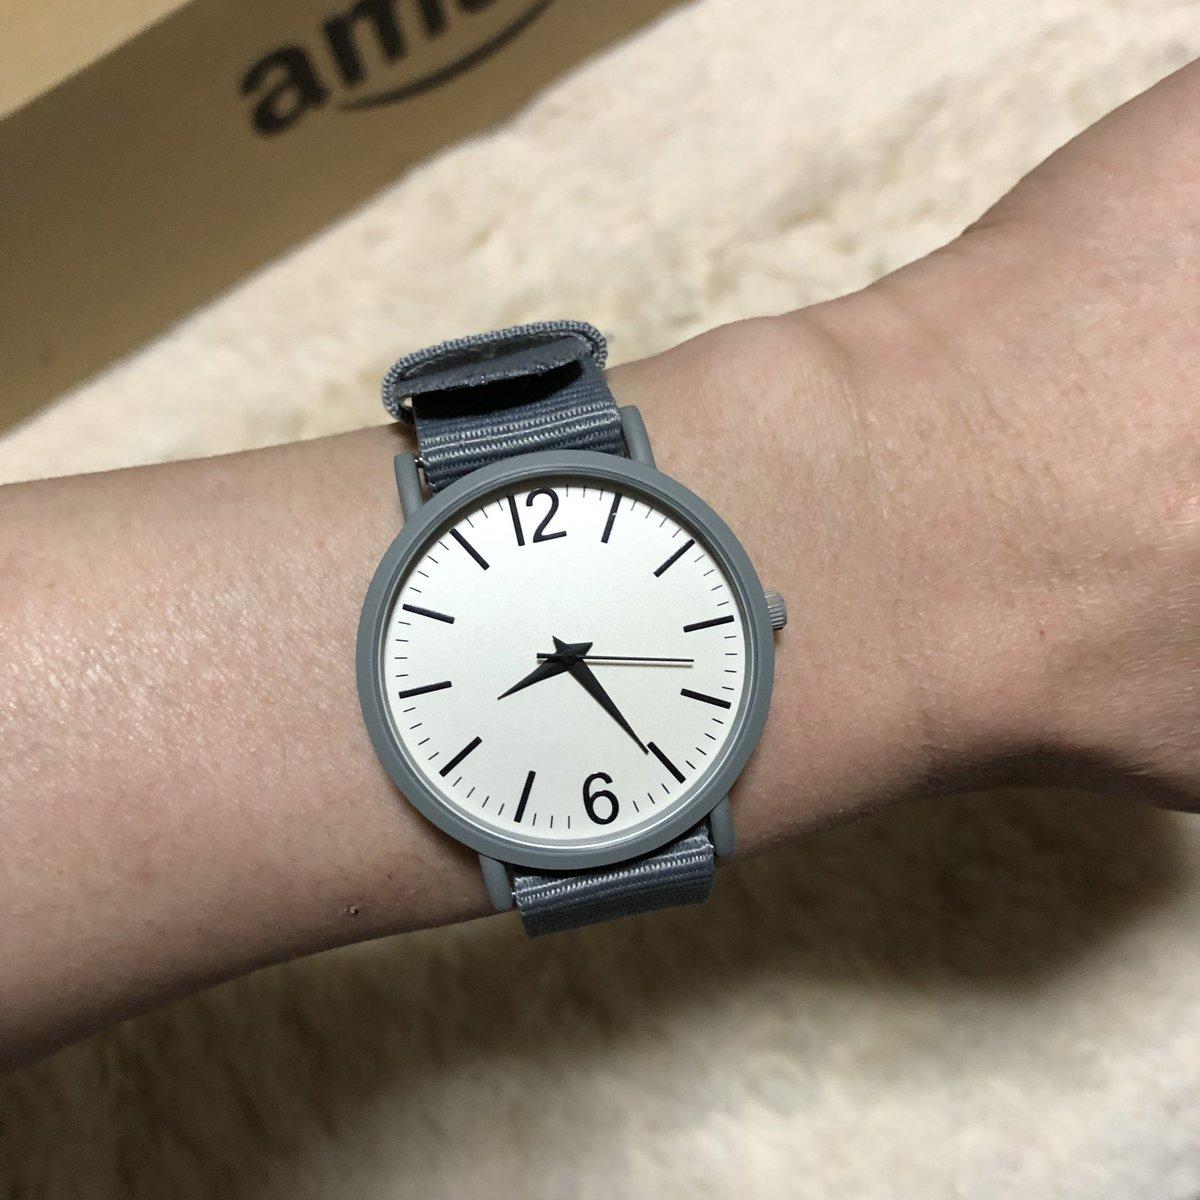 test ツイッターメディア - DAISO行ったらちょっと可愛げな腕時計があったからまた買ってしまった DAISOの500円腕時計シリーズの新しいのかな? 前から出てるのかは知らないけど(笑)  #DAISO #ダイソー #腕時計 #500円腕時計 https://t.co/pf1VX2BsUi